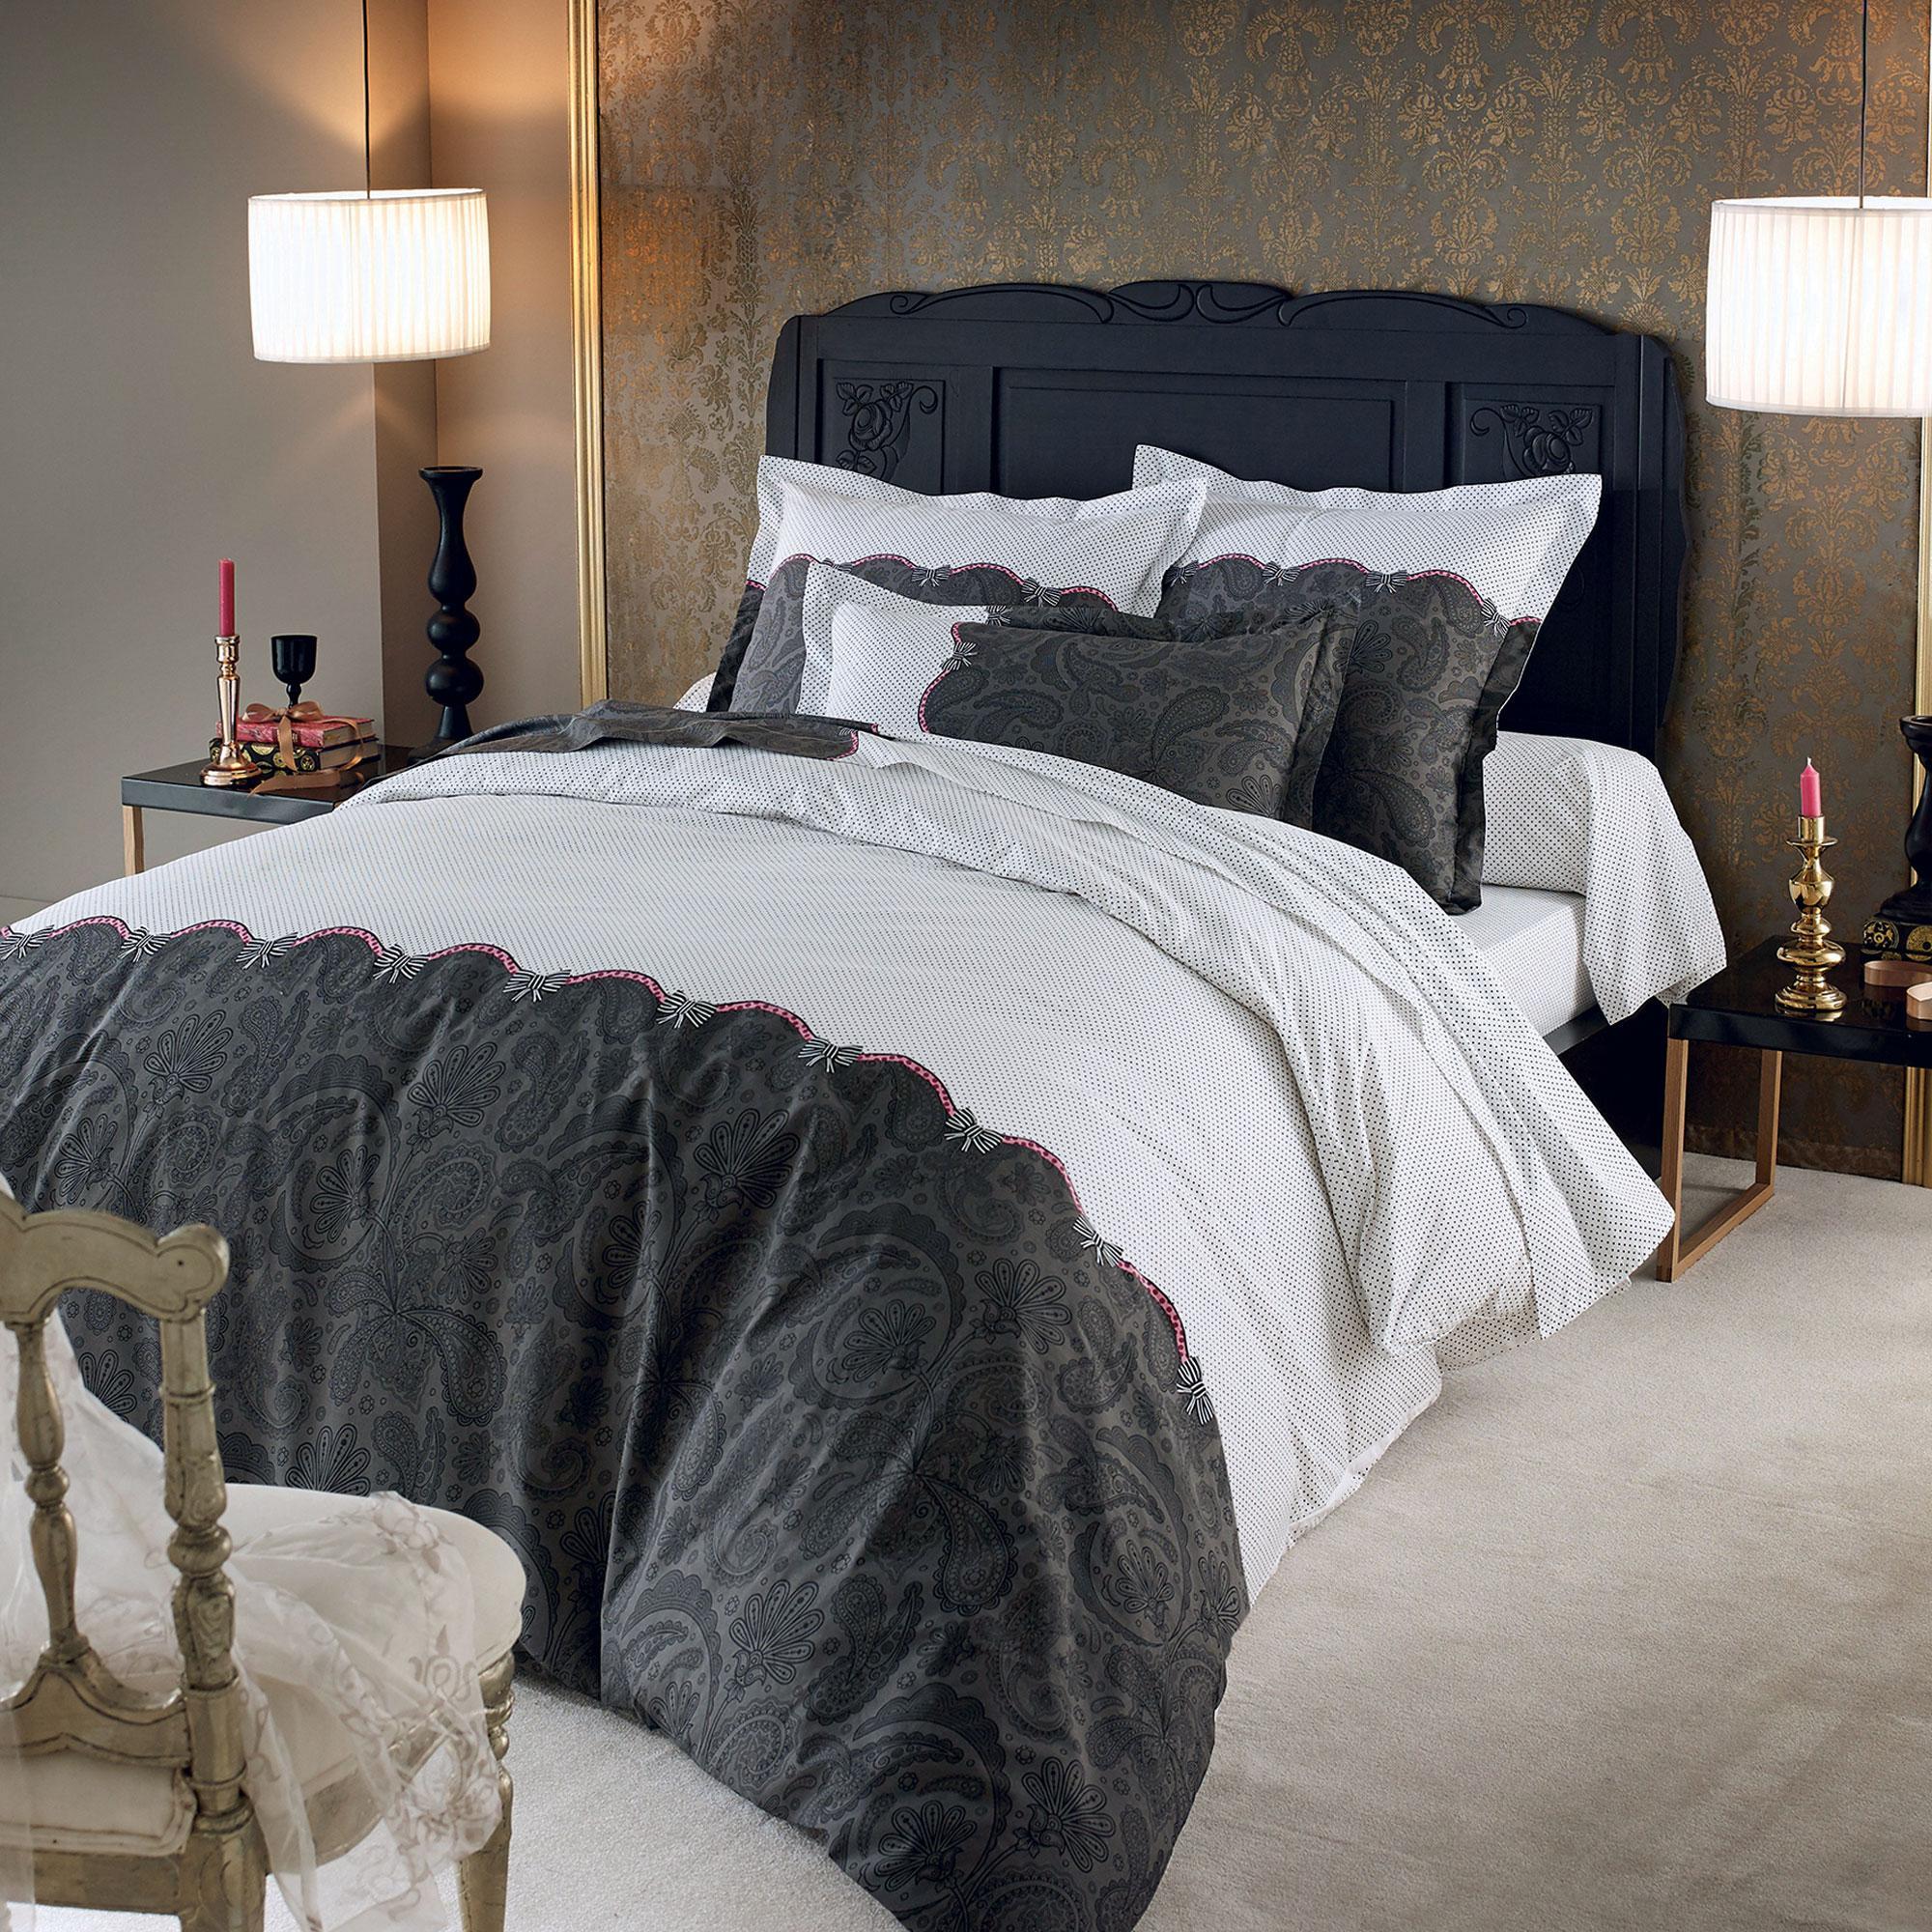 housse de couette 200x200 cm percale pur coton sensuel eur 64 47 picclick fr. Black Bedroom Furniture Sets. Home Design Ideas